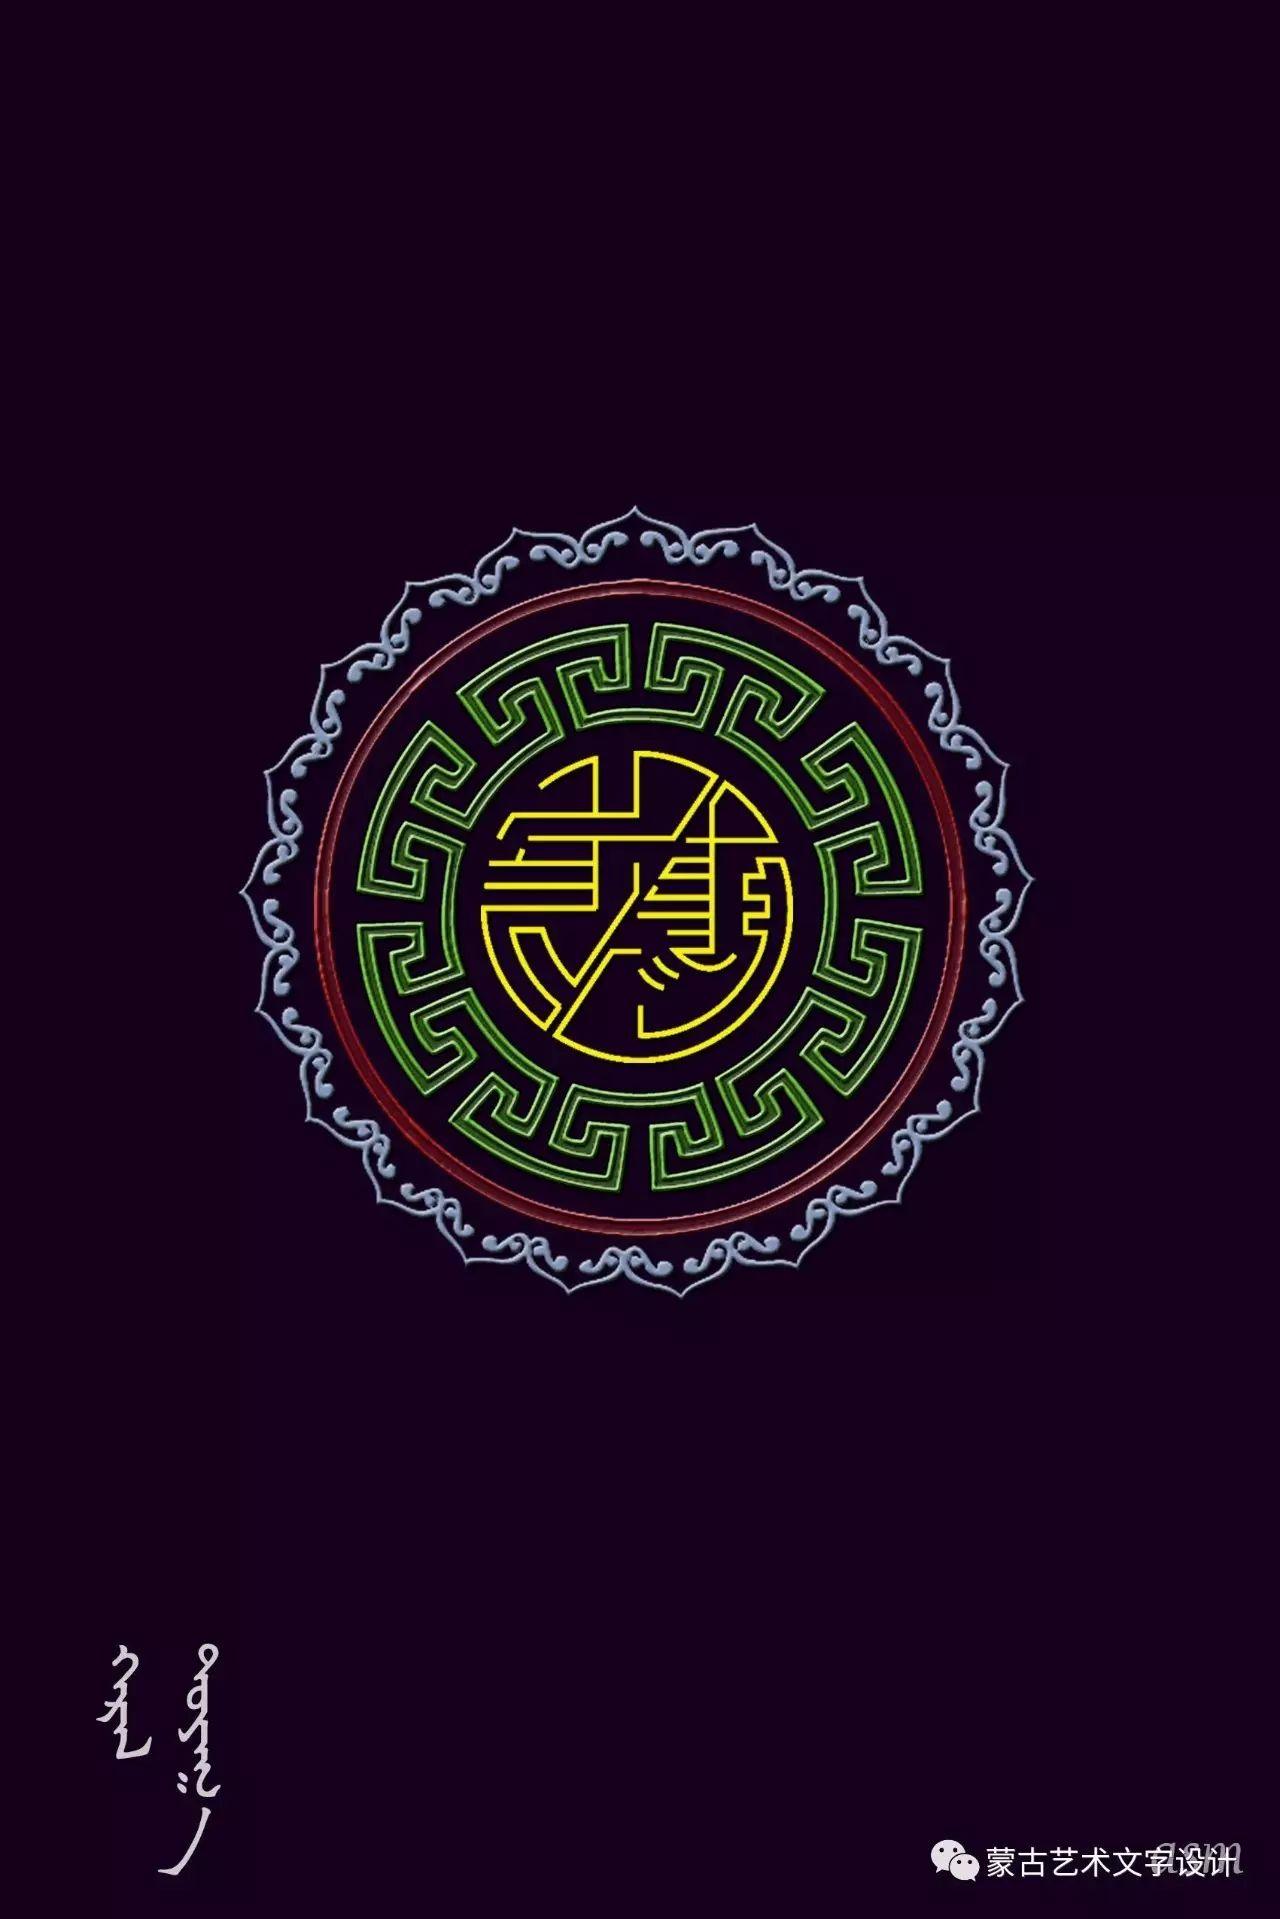 蒙古艺术文字设计 第41张